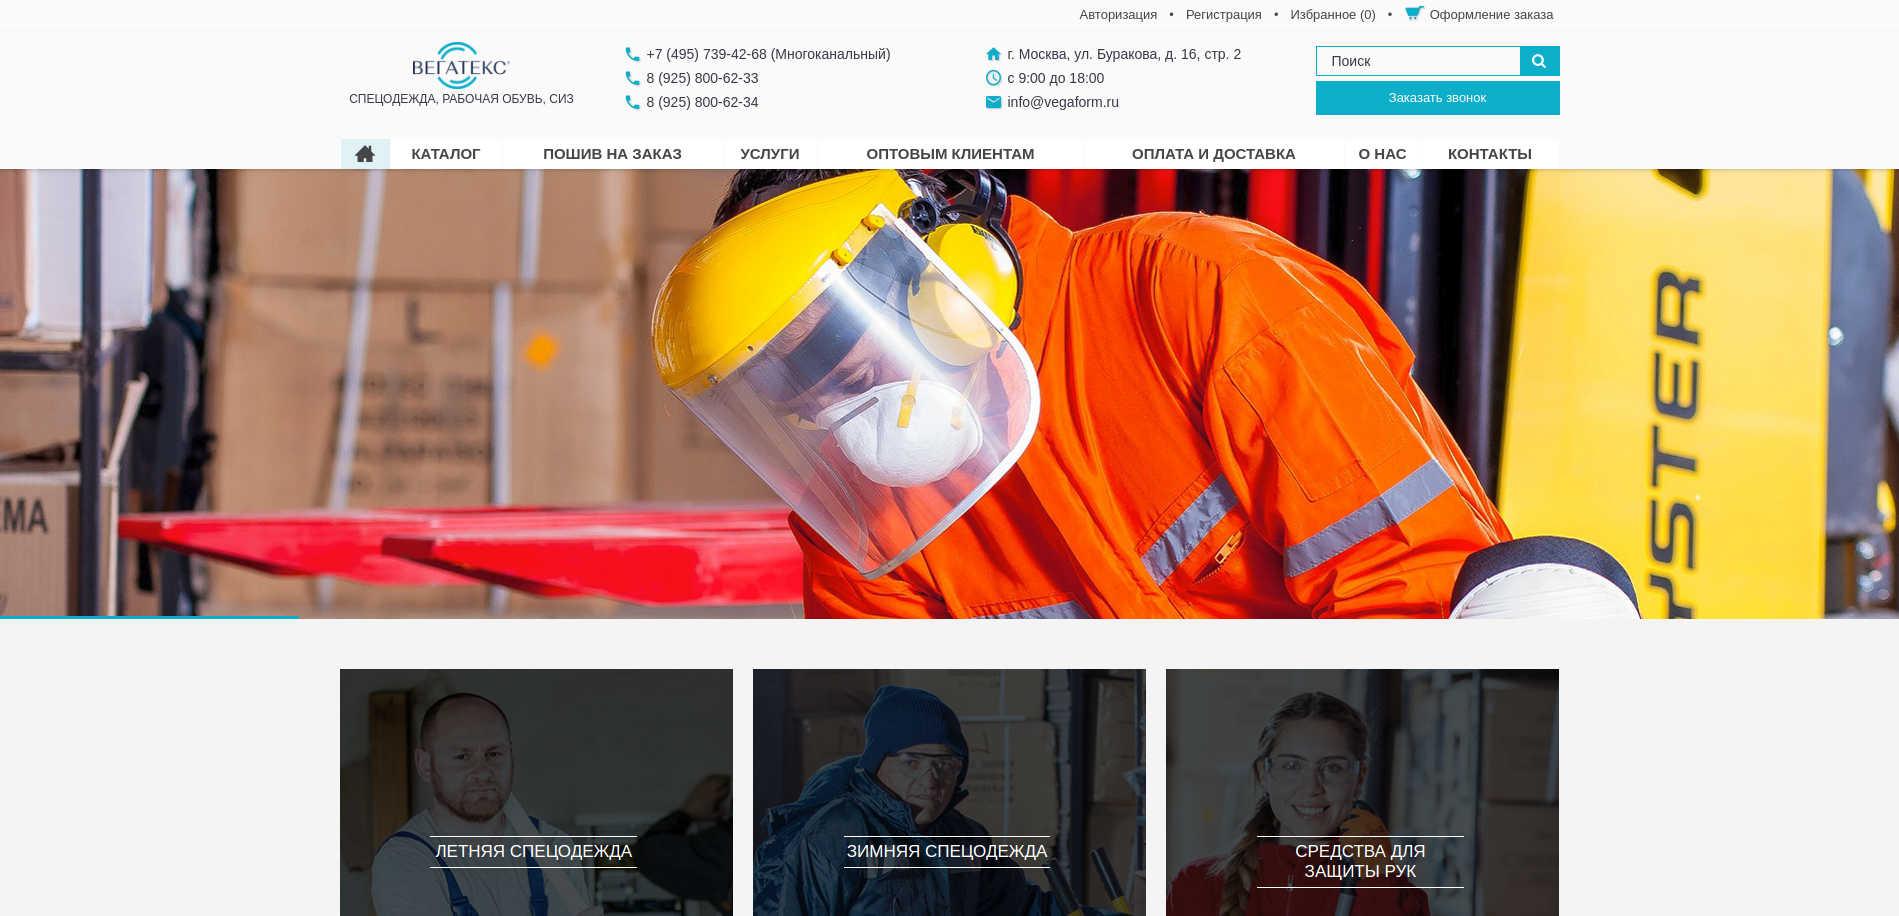 Разработка сайта для компании ВЕГАТЕКС(спецодежда, рабочая обувь, СИЗ)